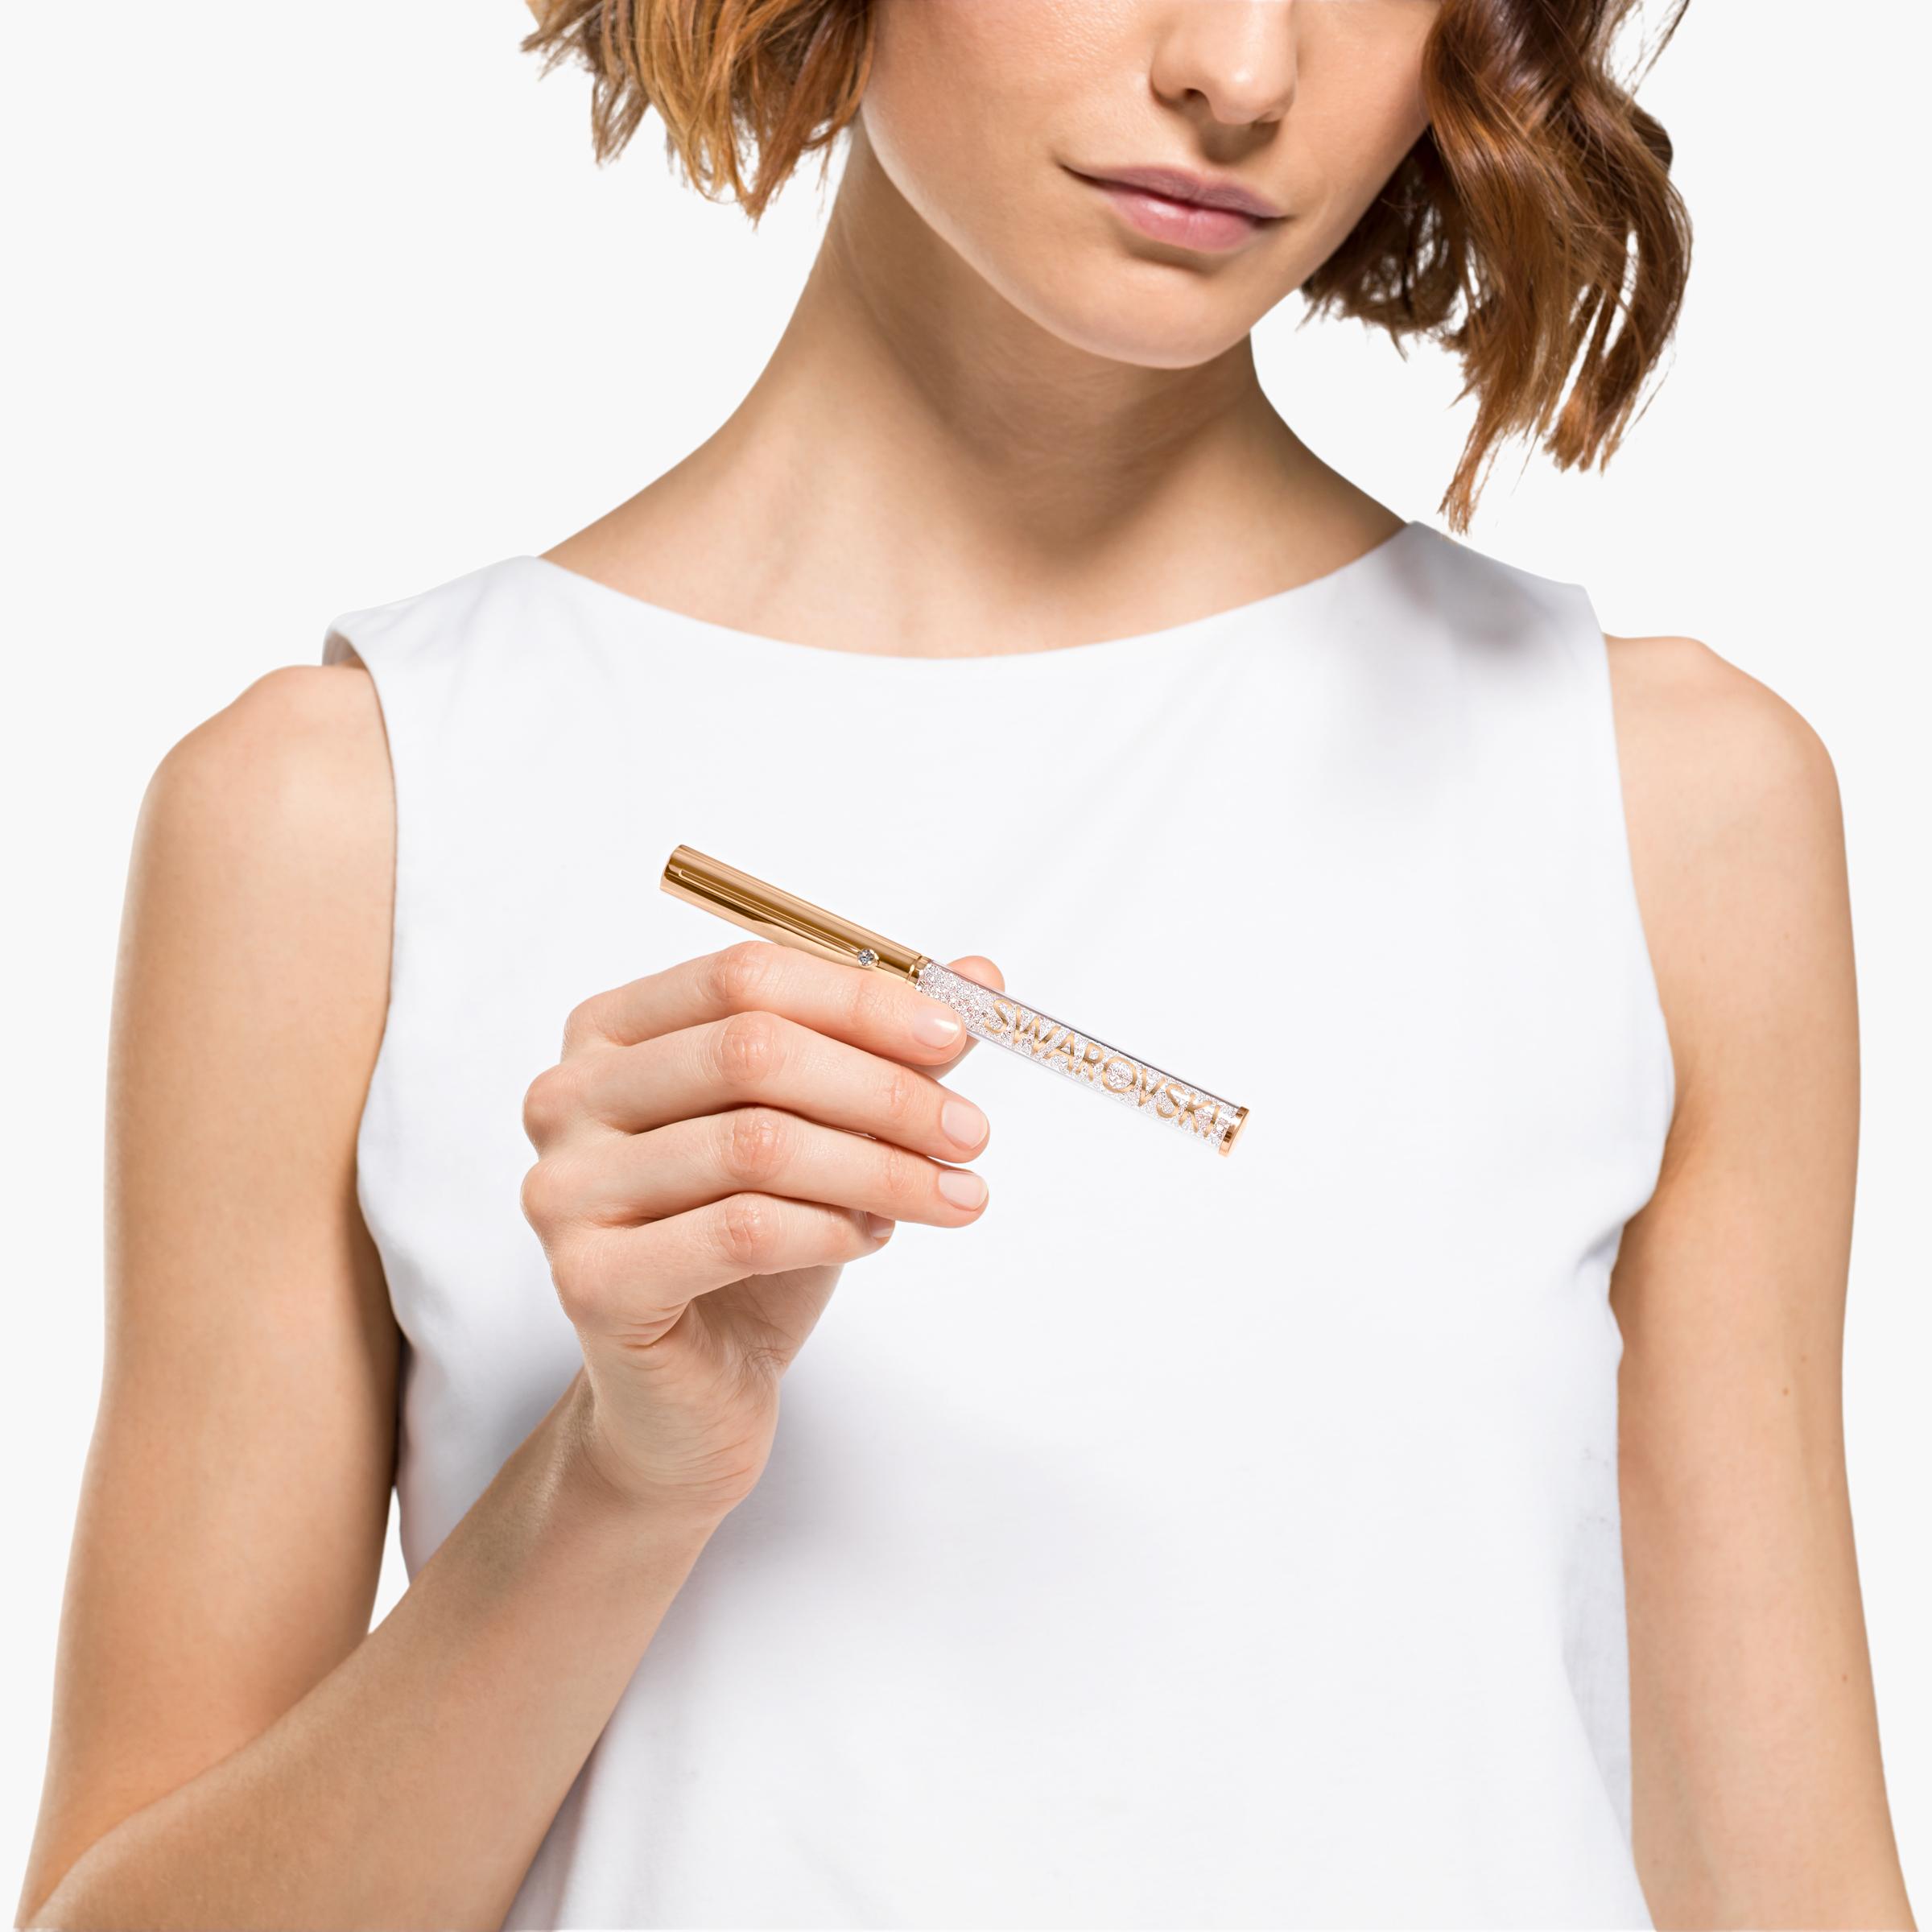 قلم حبر جاف Crystalline Gloss، لون وردي، طلاء ذهبي وردي